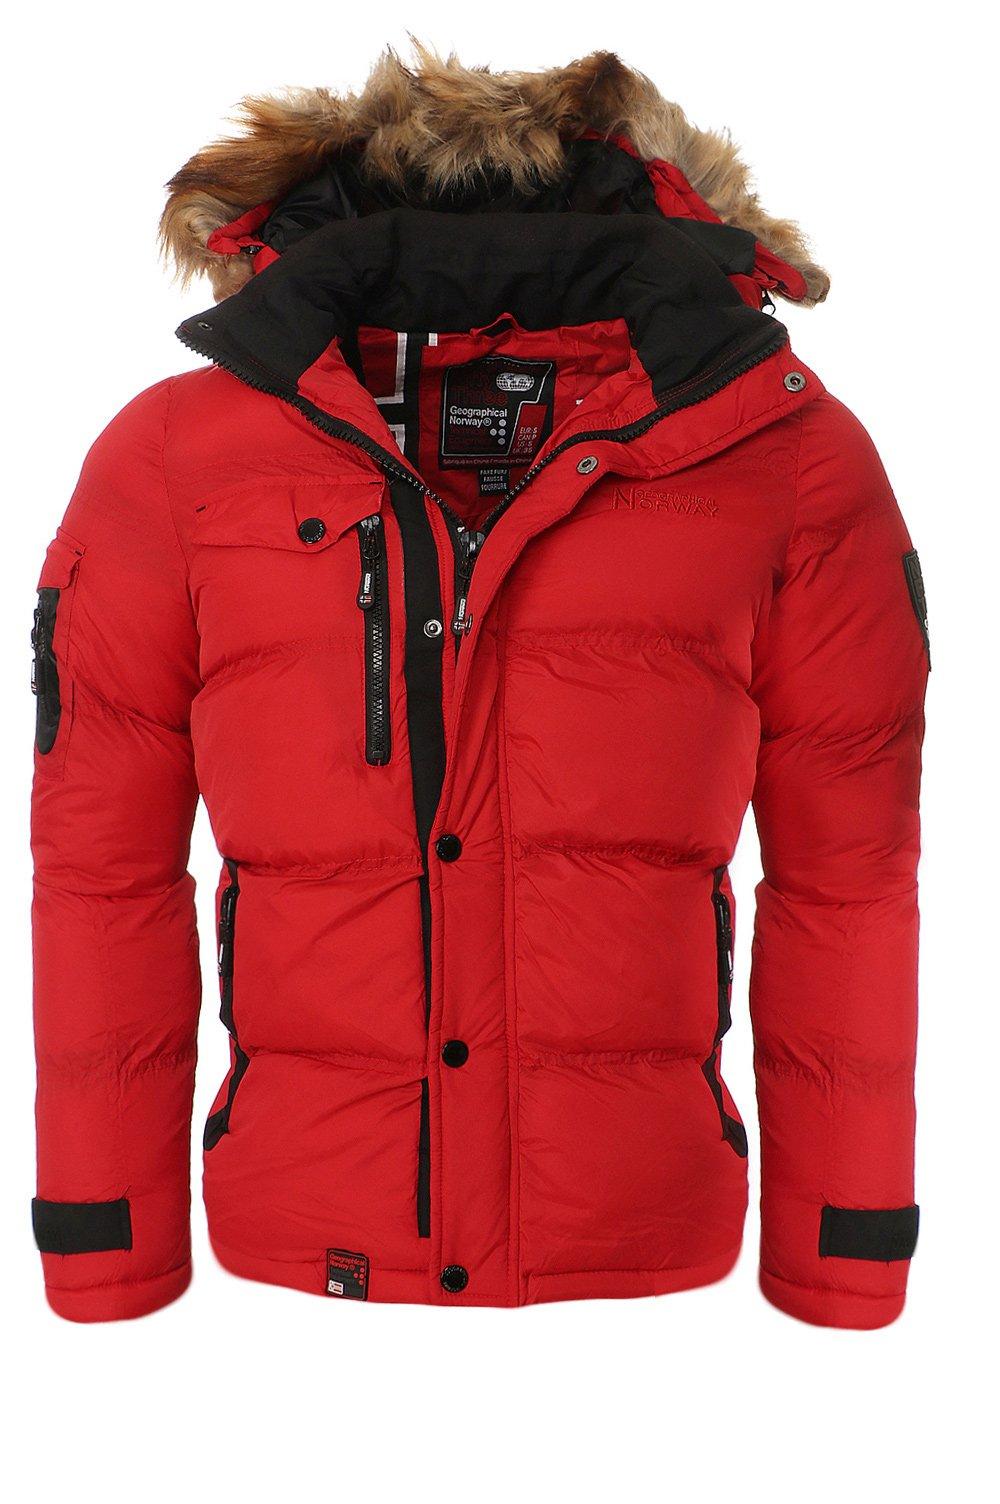 Geographical-Norway-Herren-Winterjacke-Steppjacke-Parka-Warme-Jacke-Outdoor